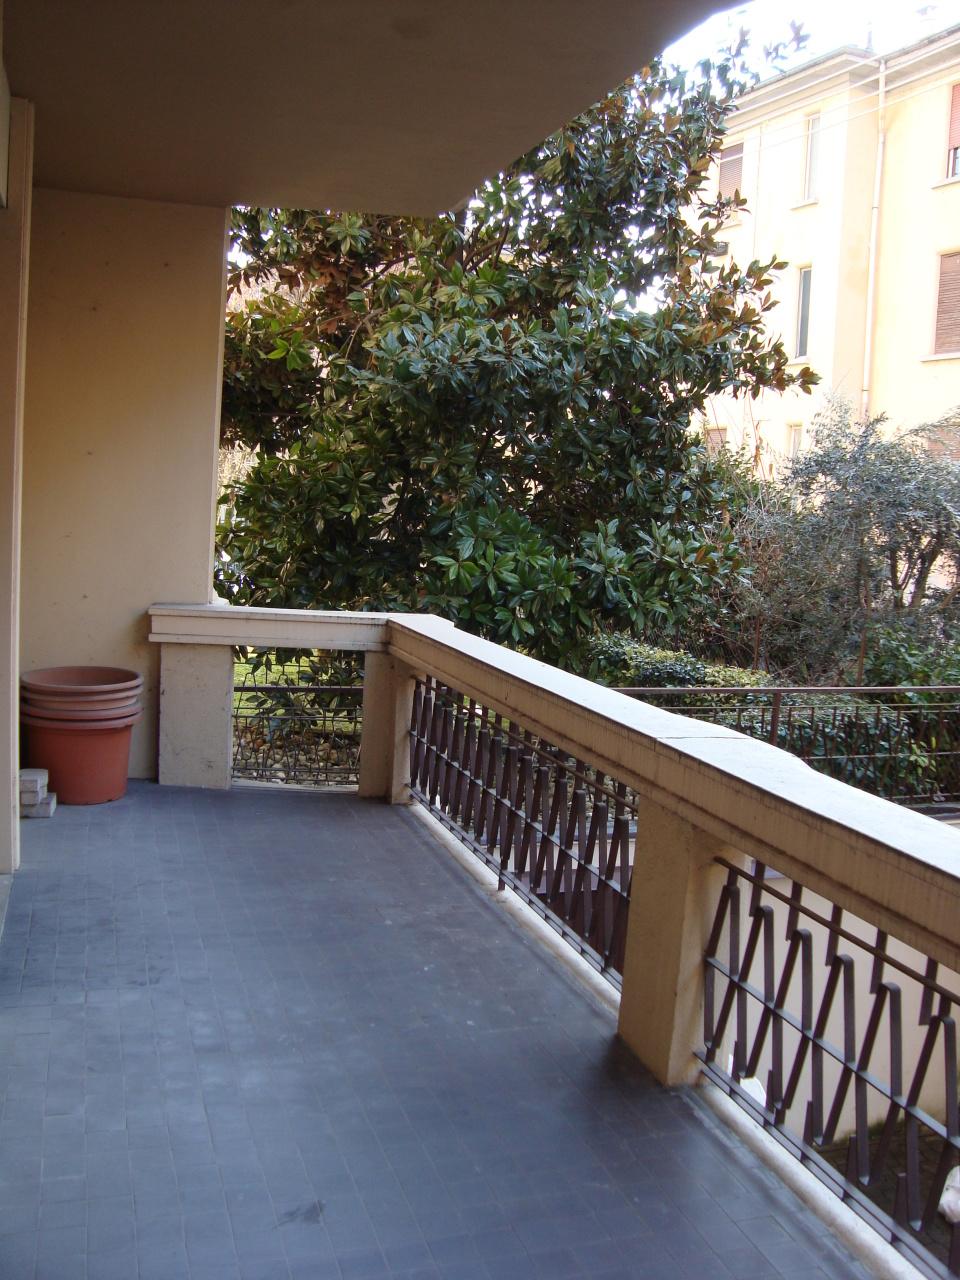 In Vendita a Parma Appartamento